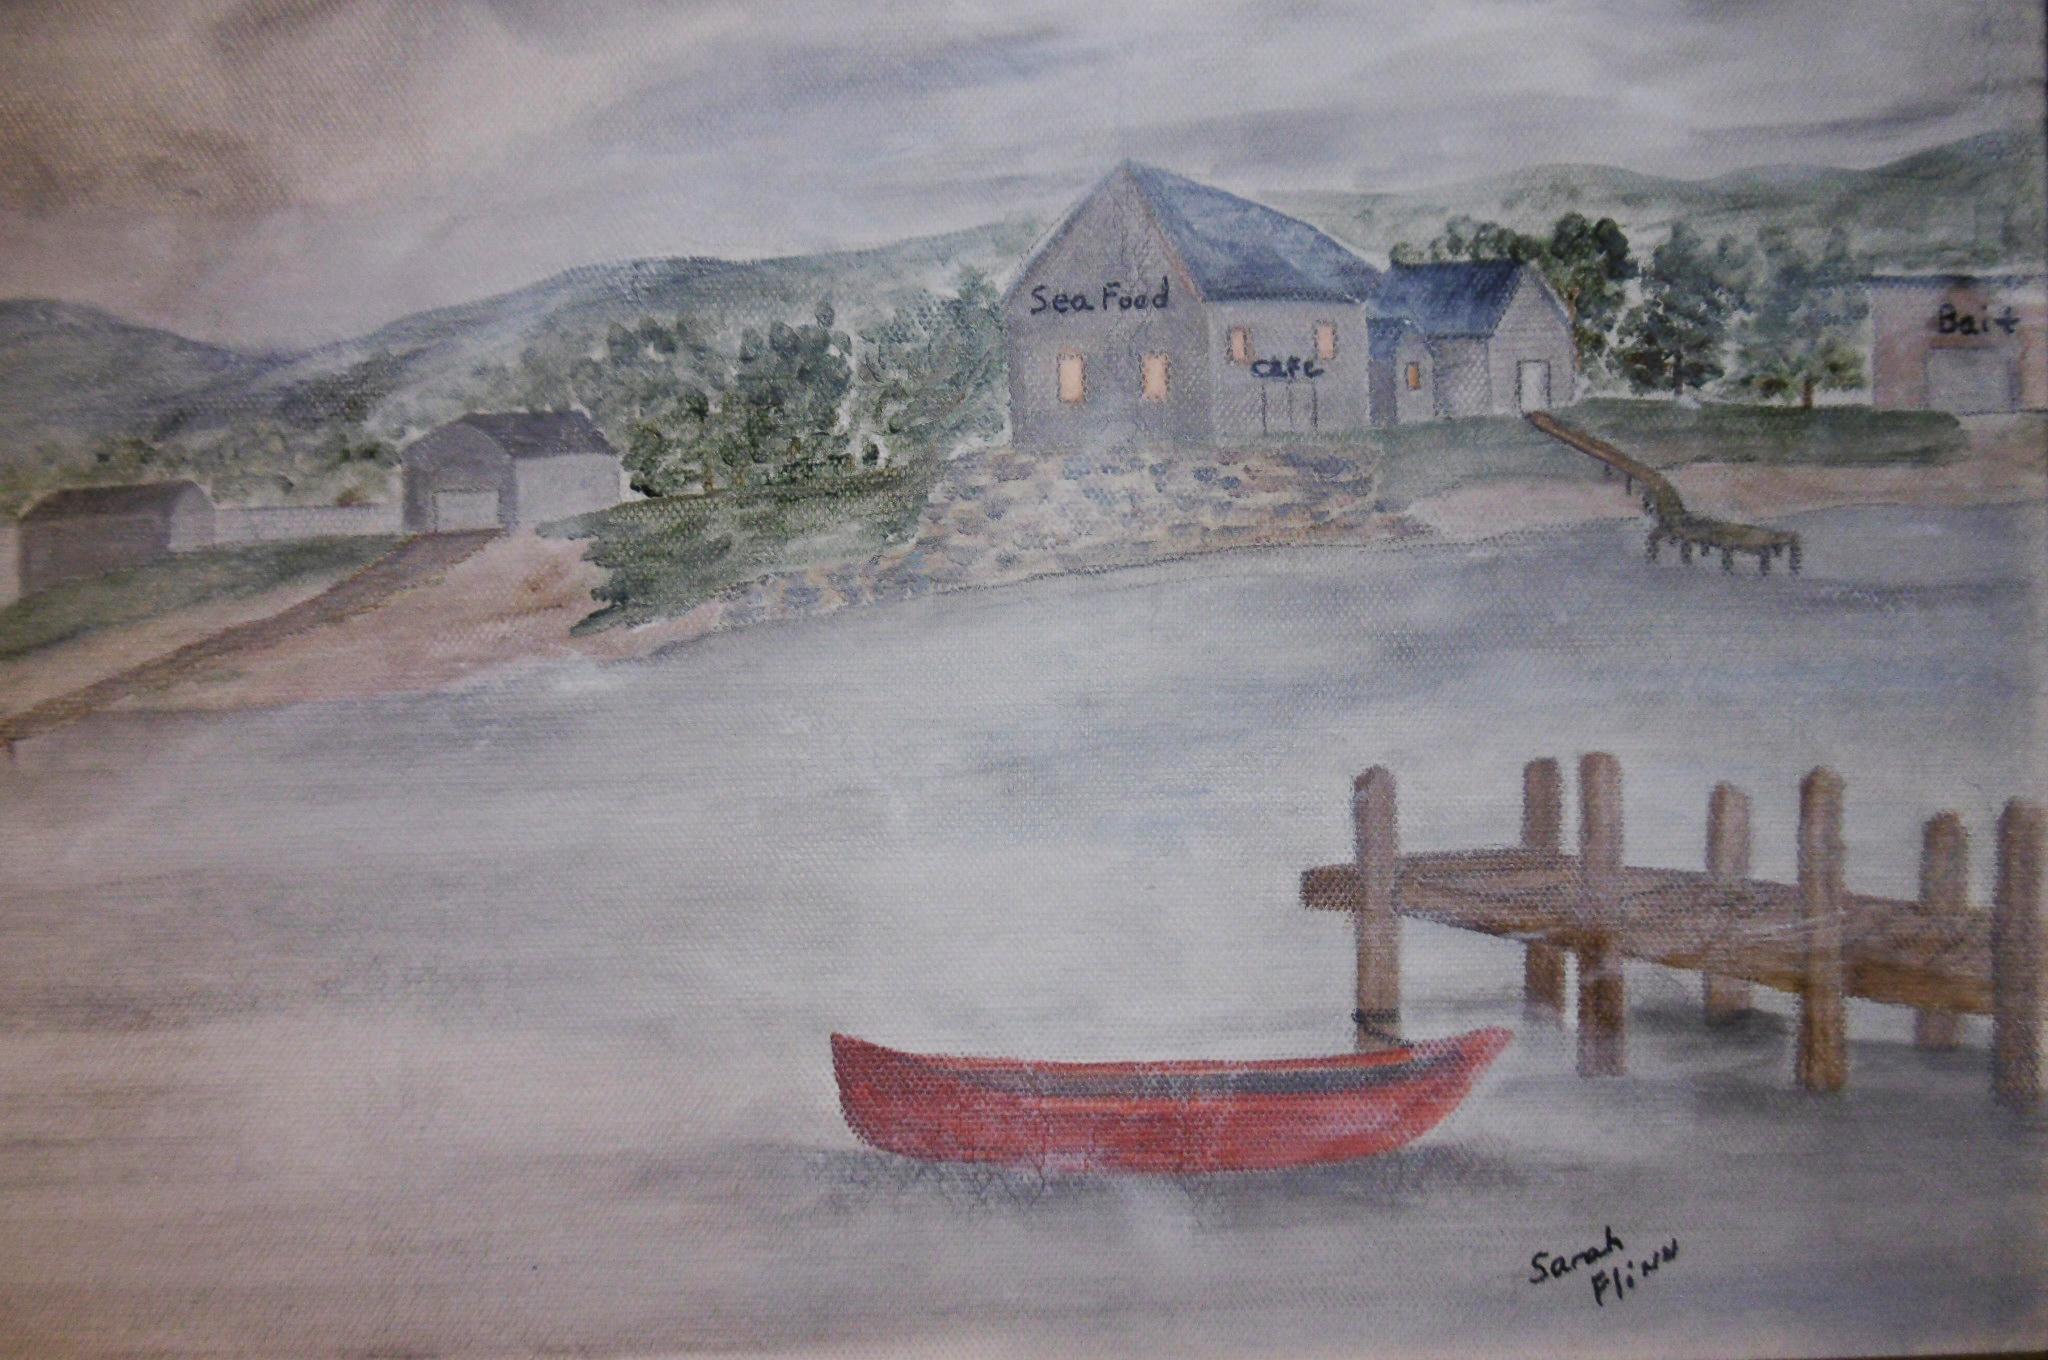 Fishing Village, Sarah Flinn